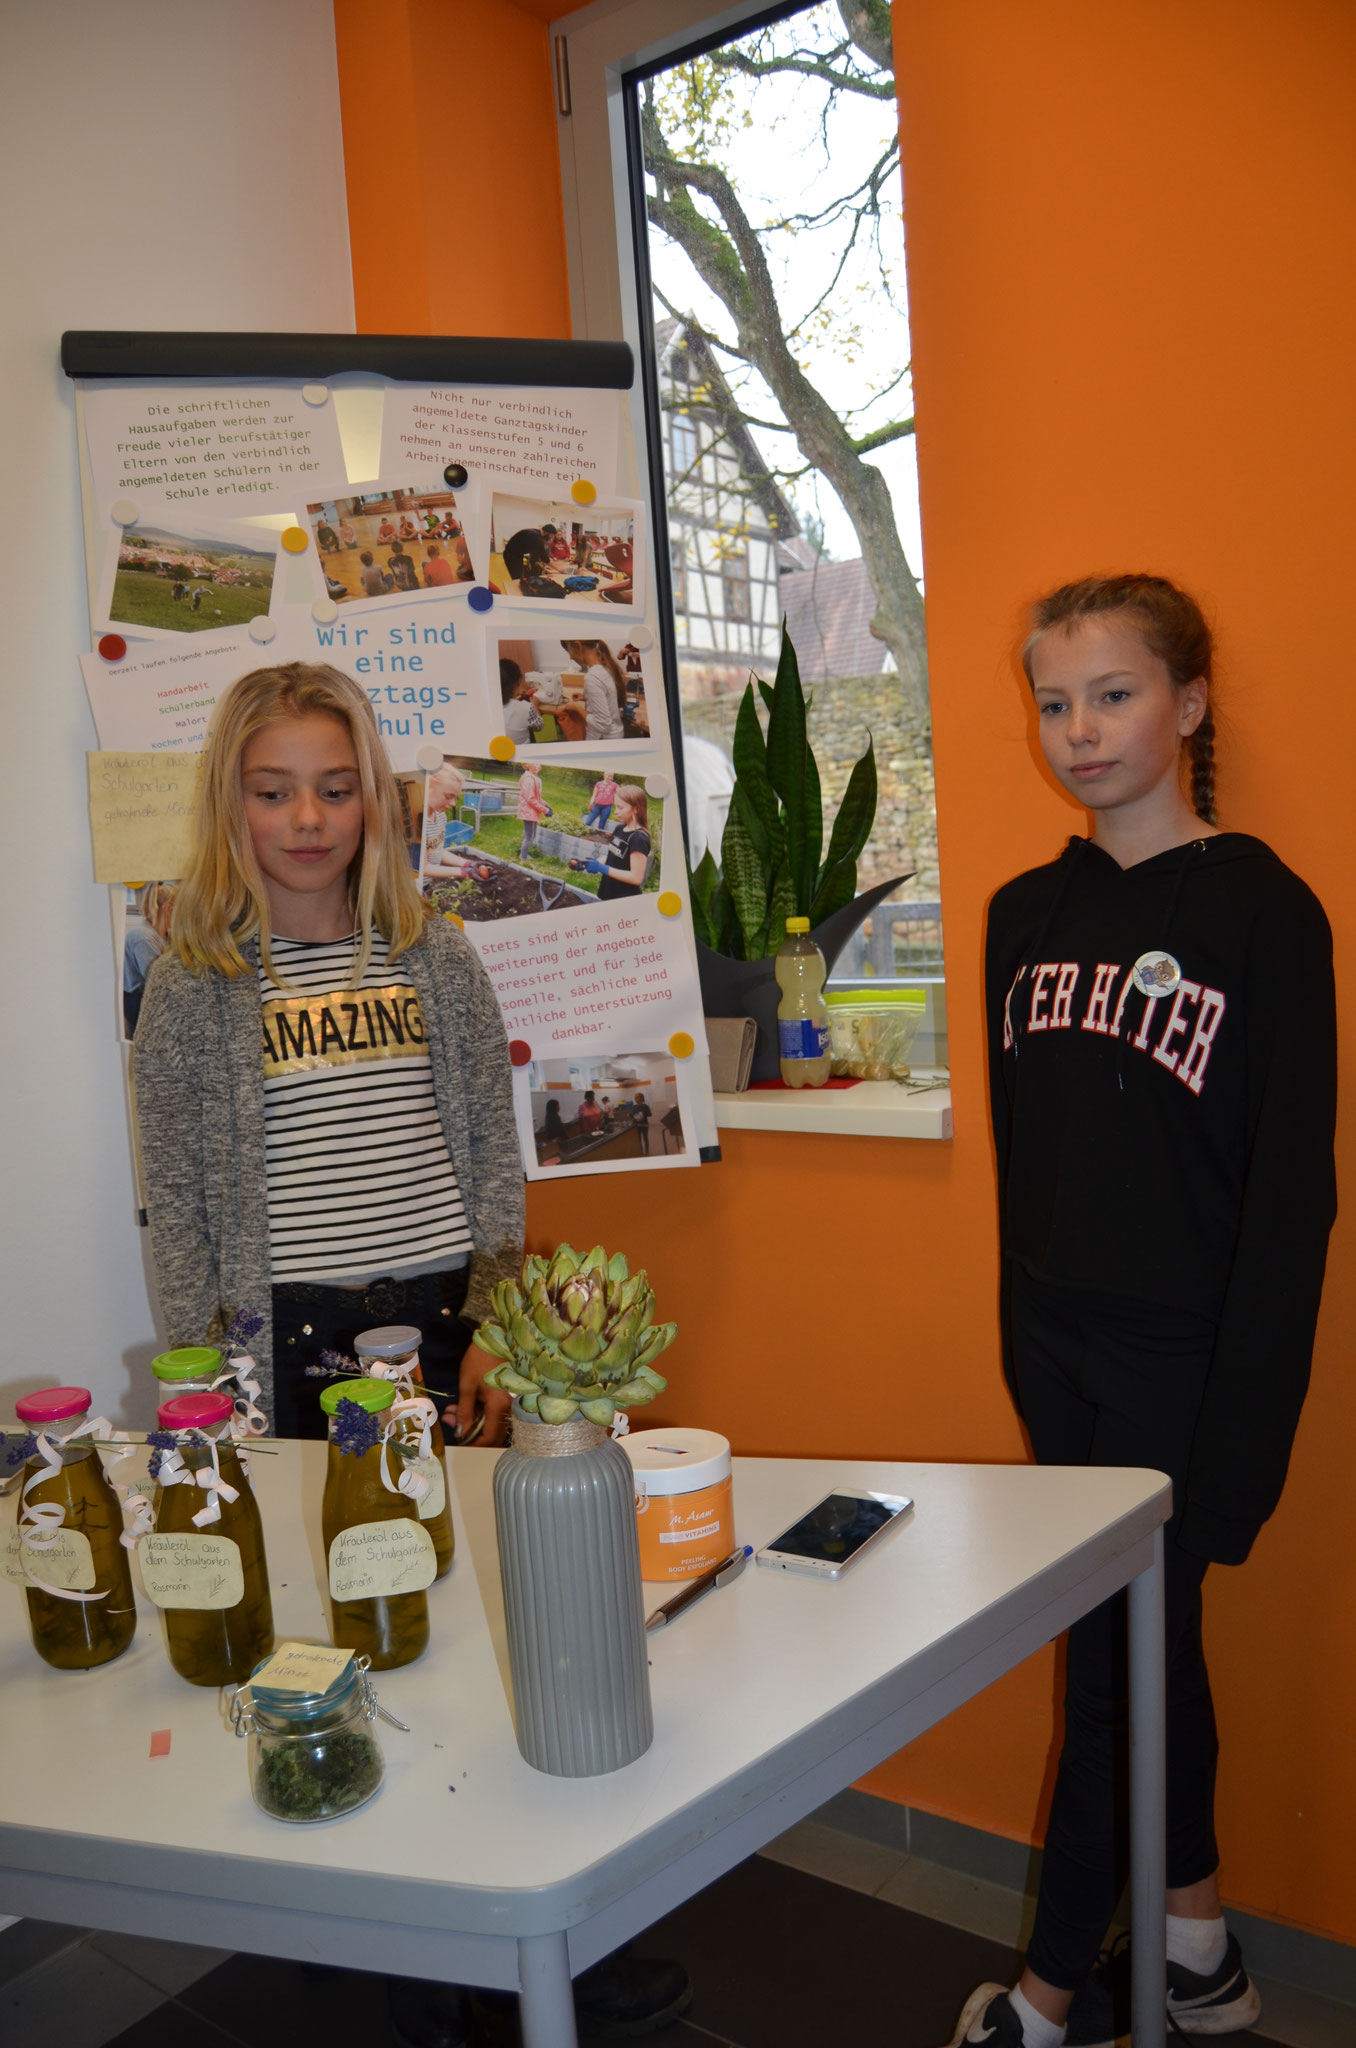 Laura und Nele haben sich über den Ganztag hinaus mit der Herstellung und Vermarktung des Kräuteröls mit Zutaten aus dem Schulgarten verdient gemacht.